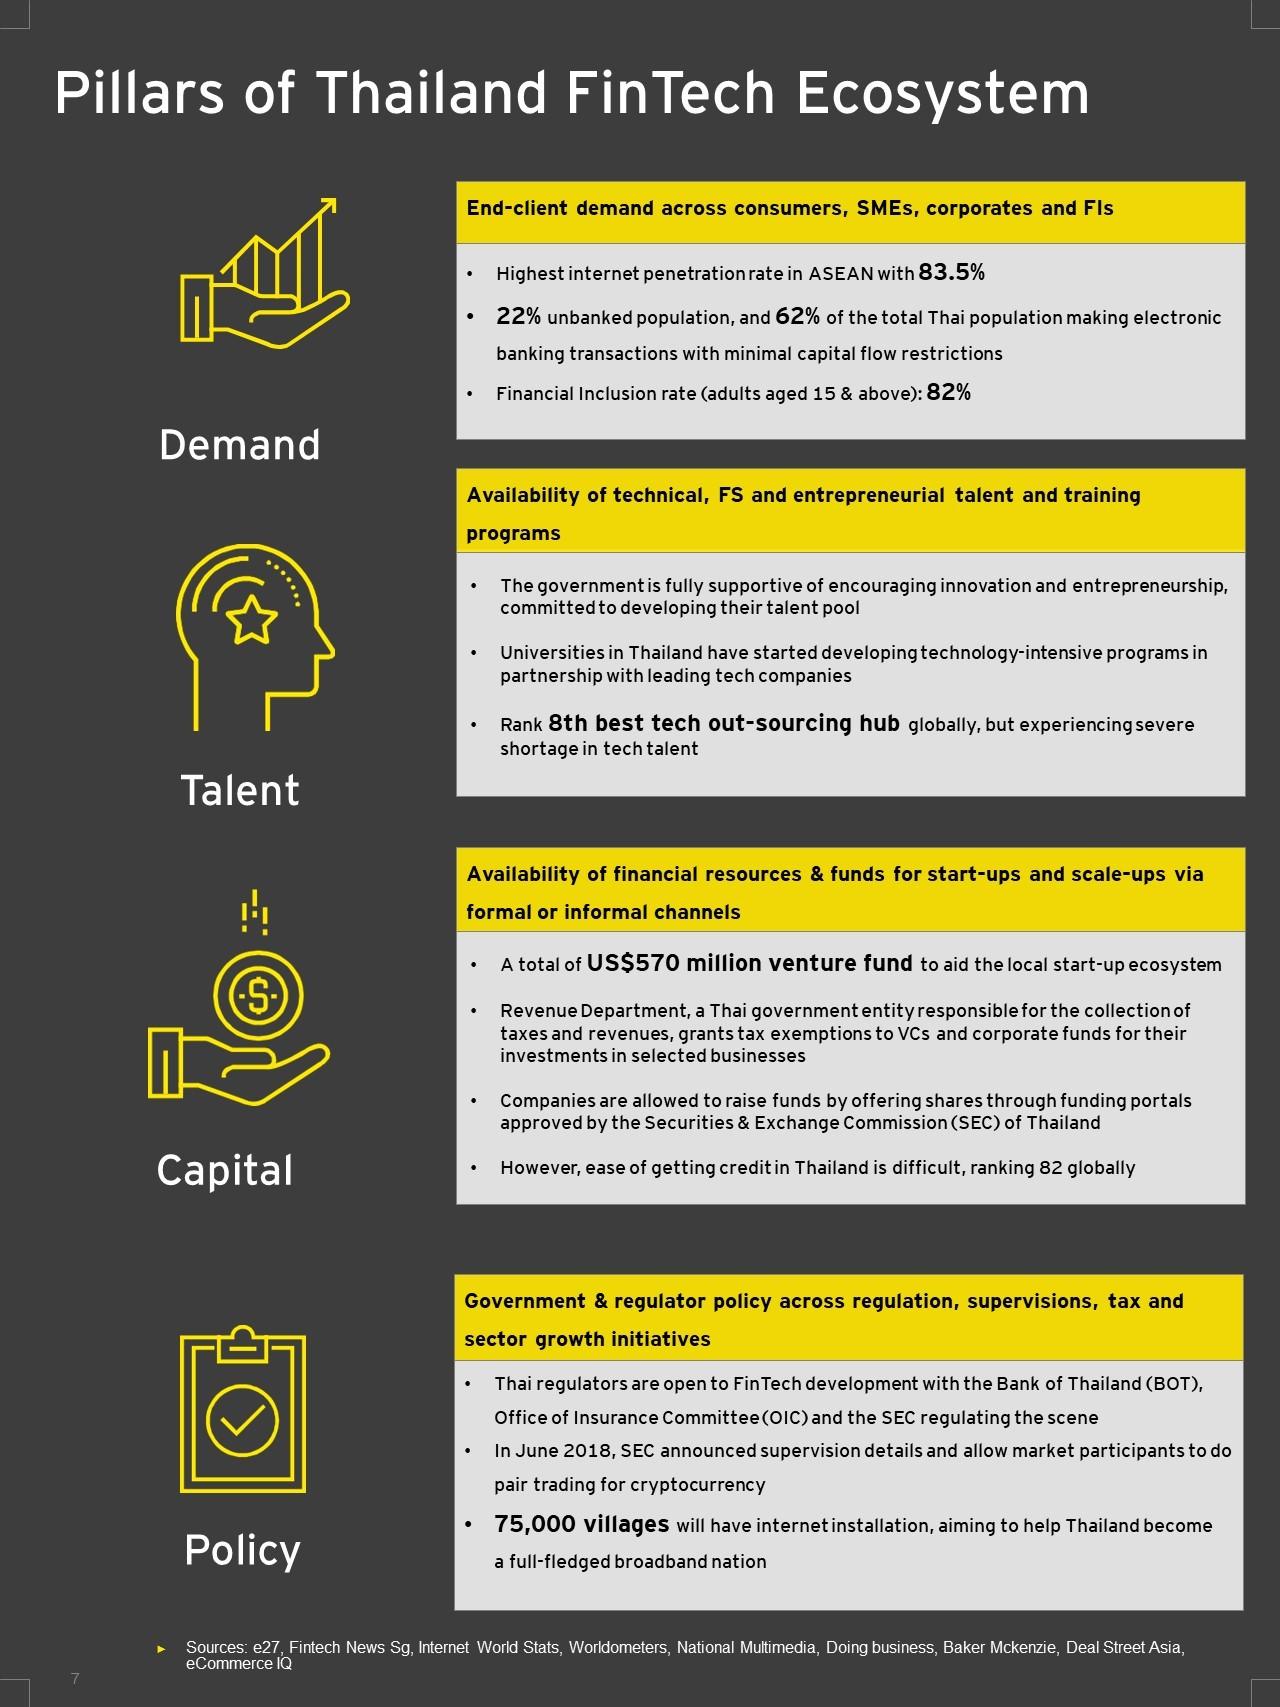 EY - Pillars of Thailand FinTech Ecosystem